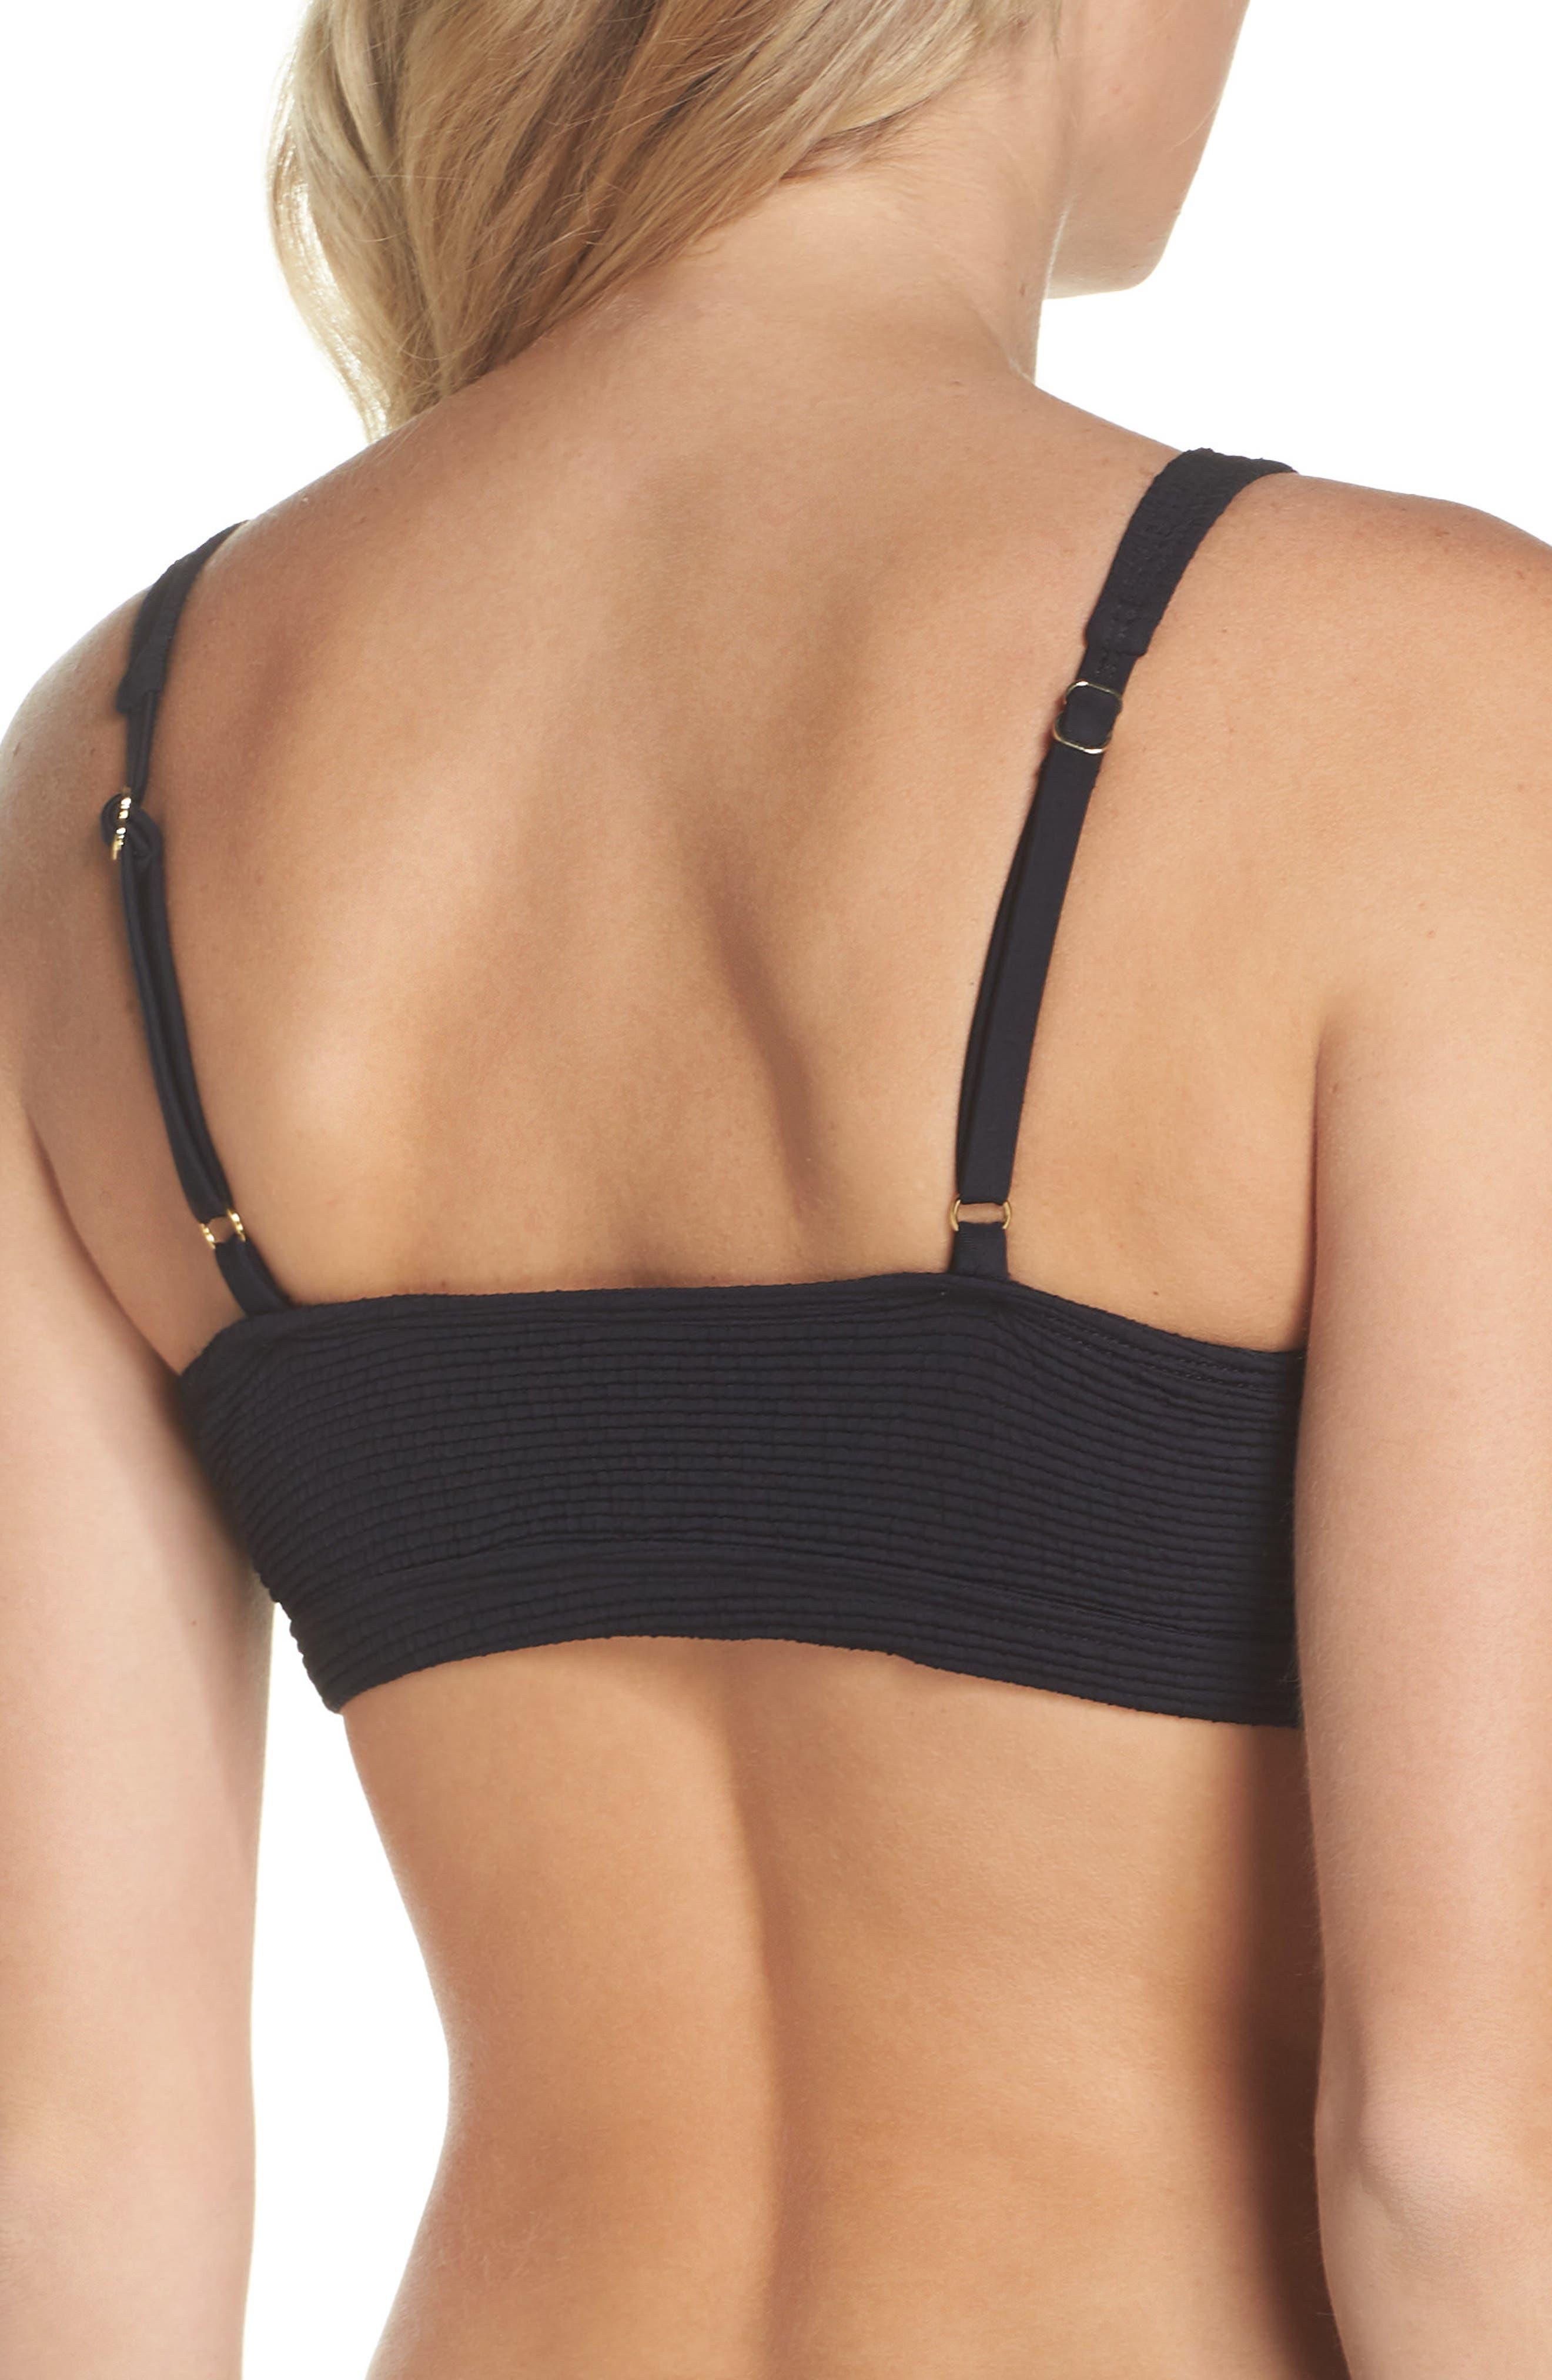 Malibu Bikini Top,                             Alternate thumbnail 2, color,                             BLACK